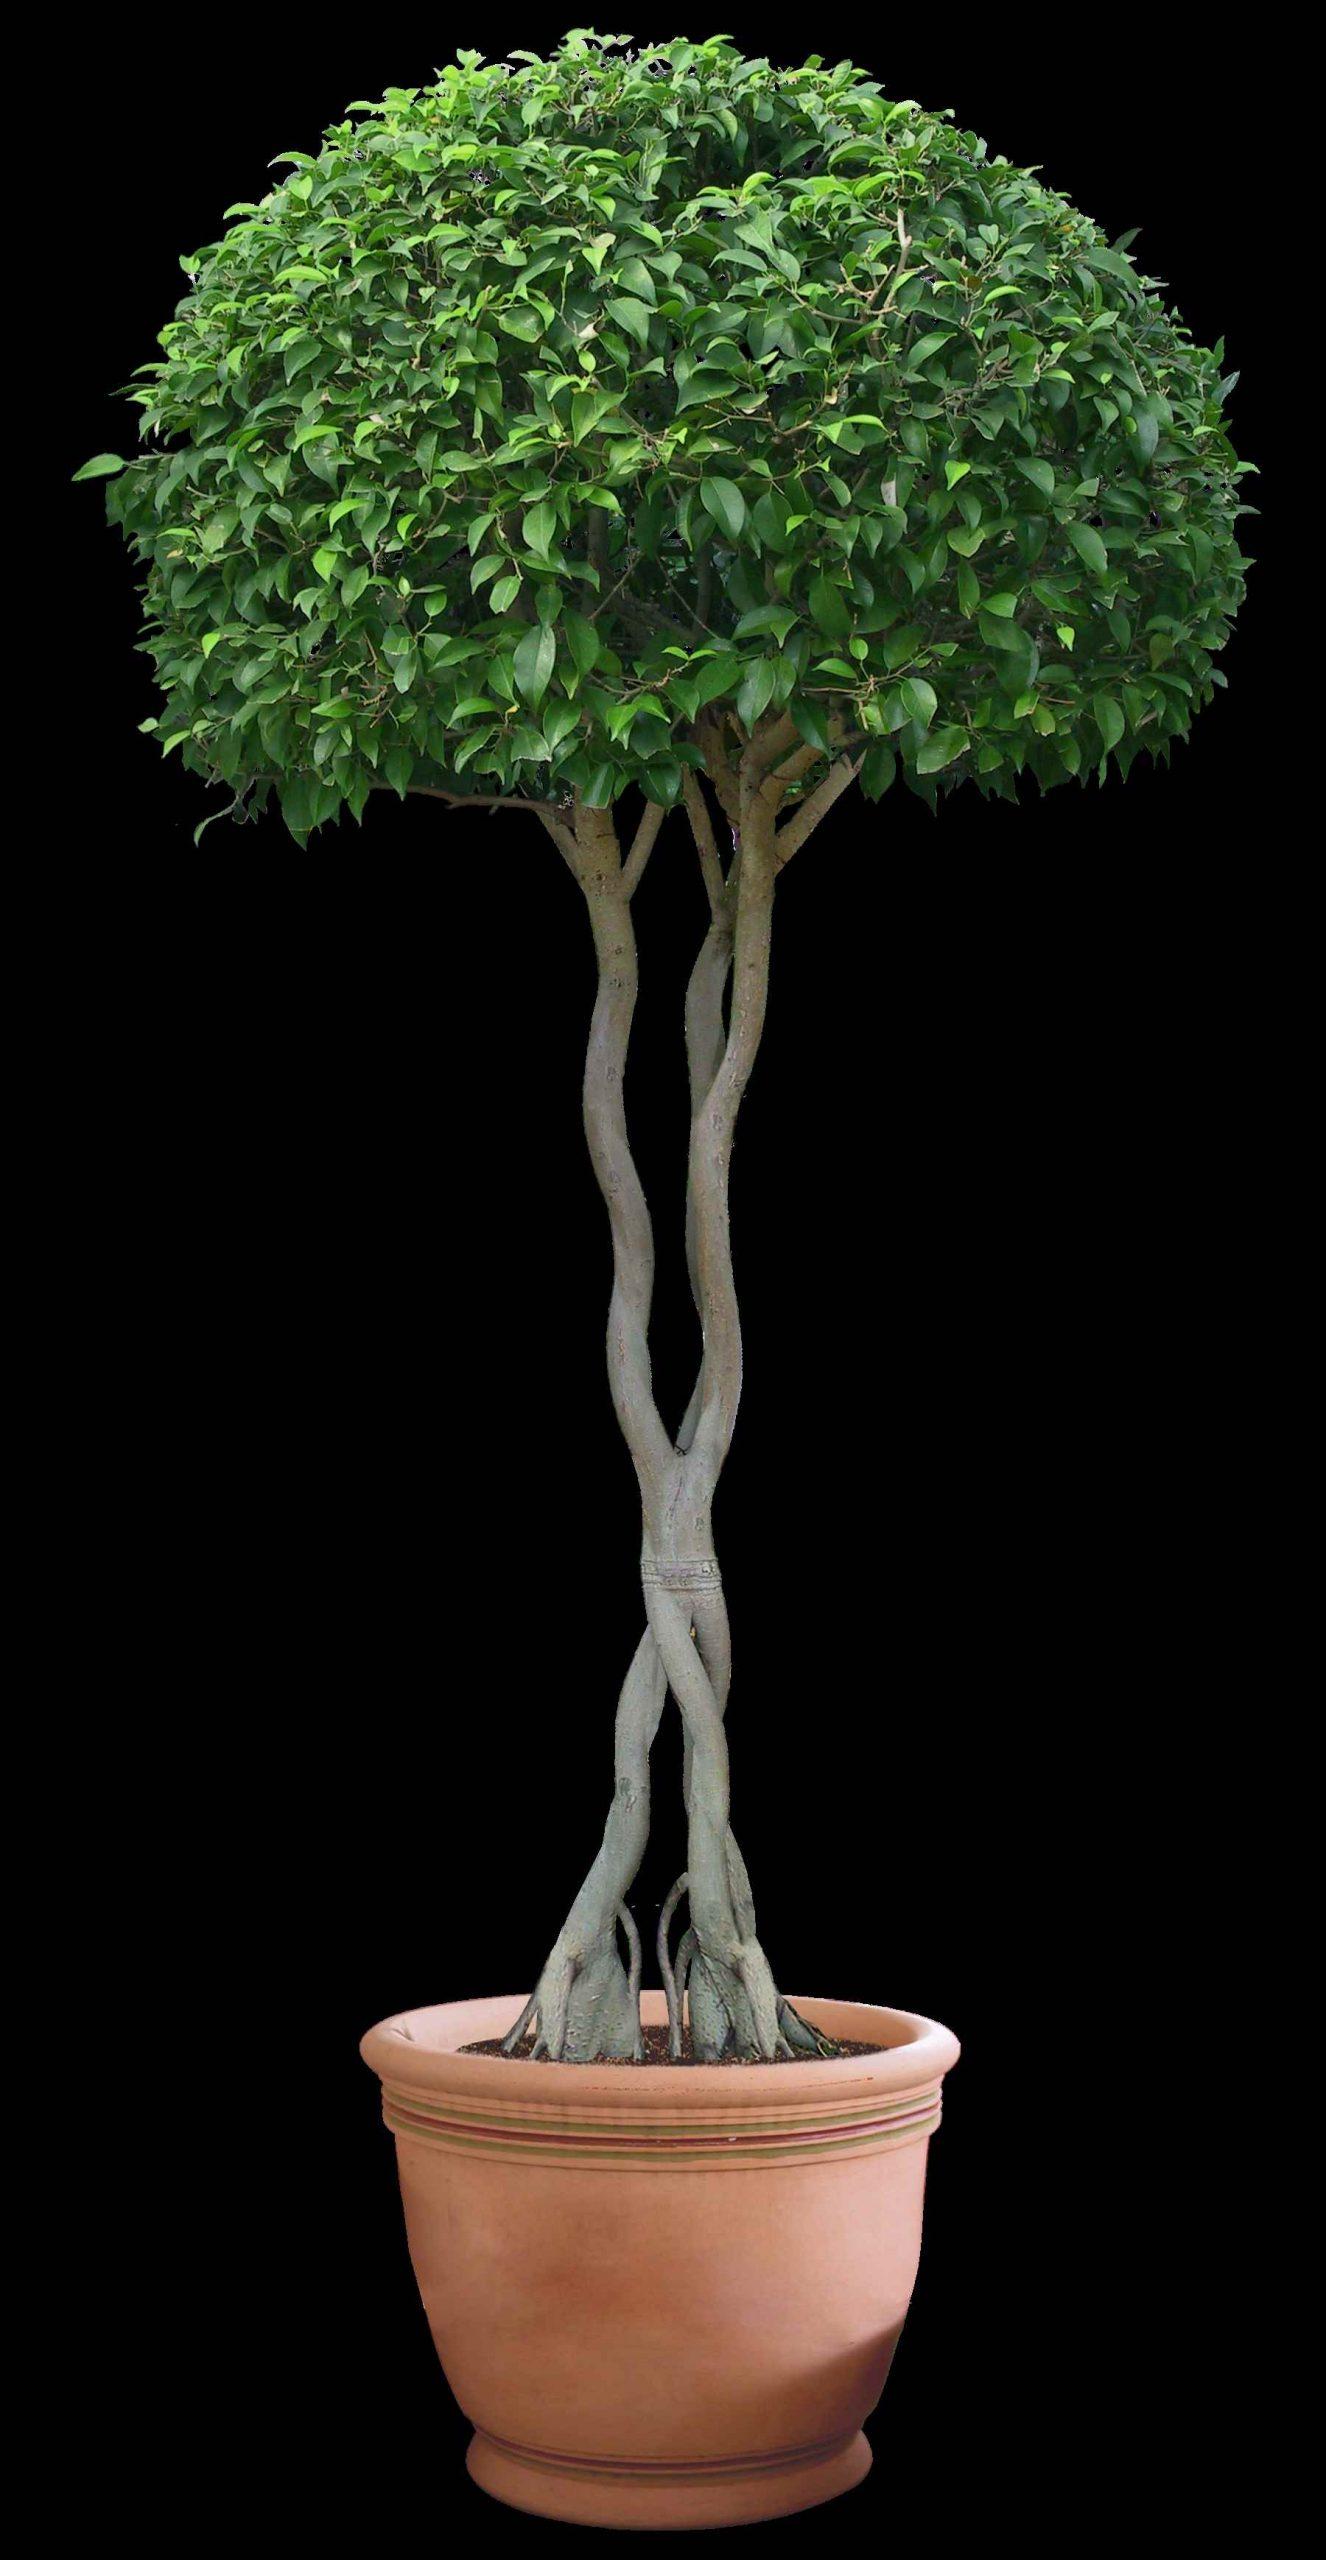 Картинки домашние деревья в горшках, фото 18